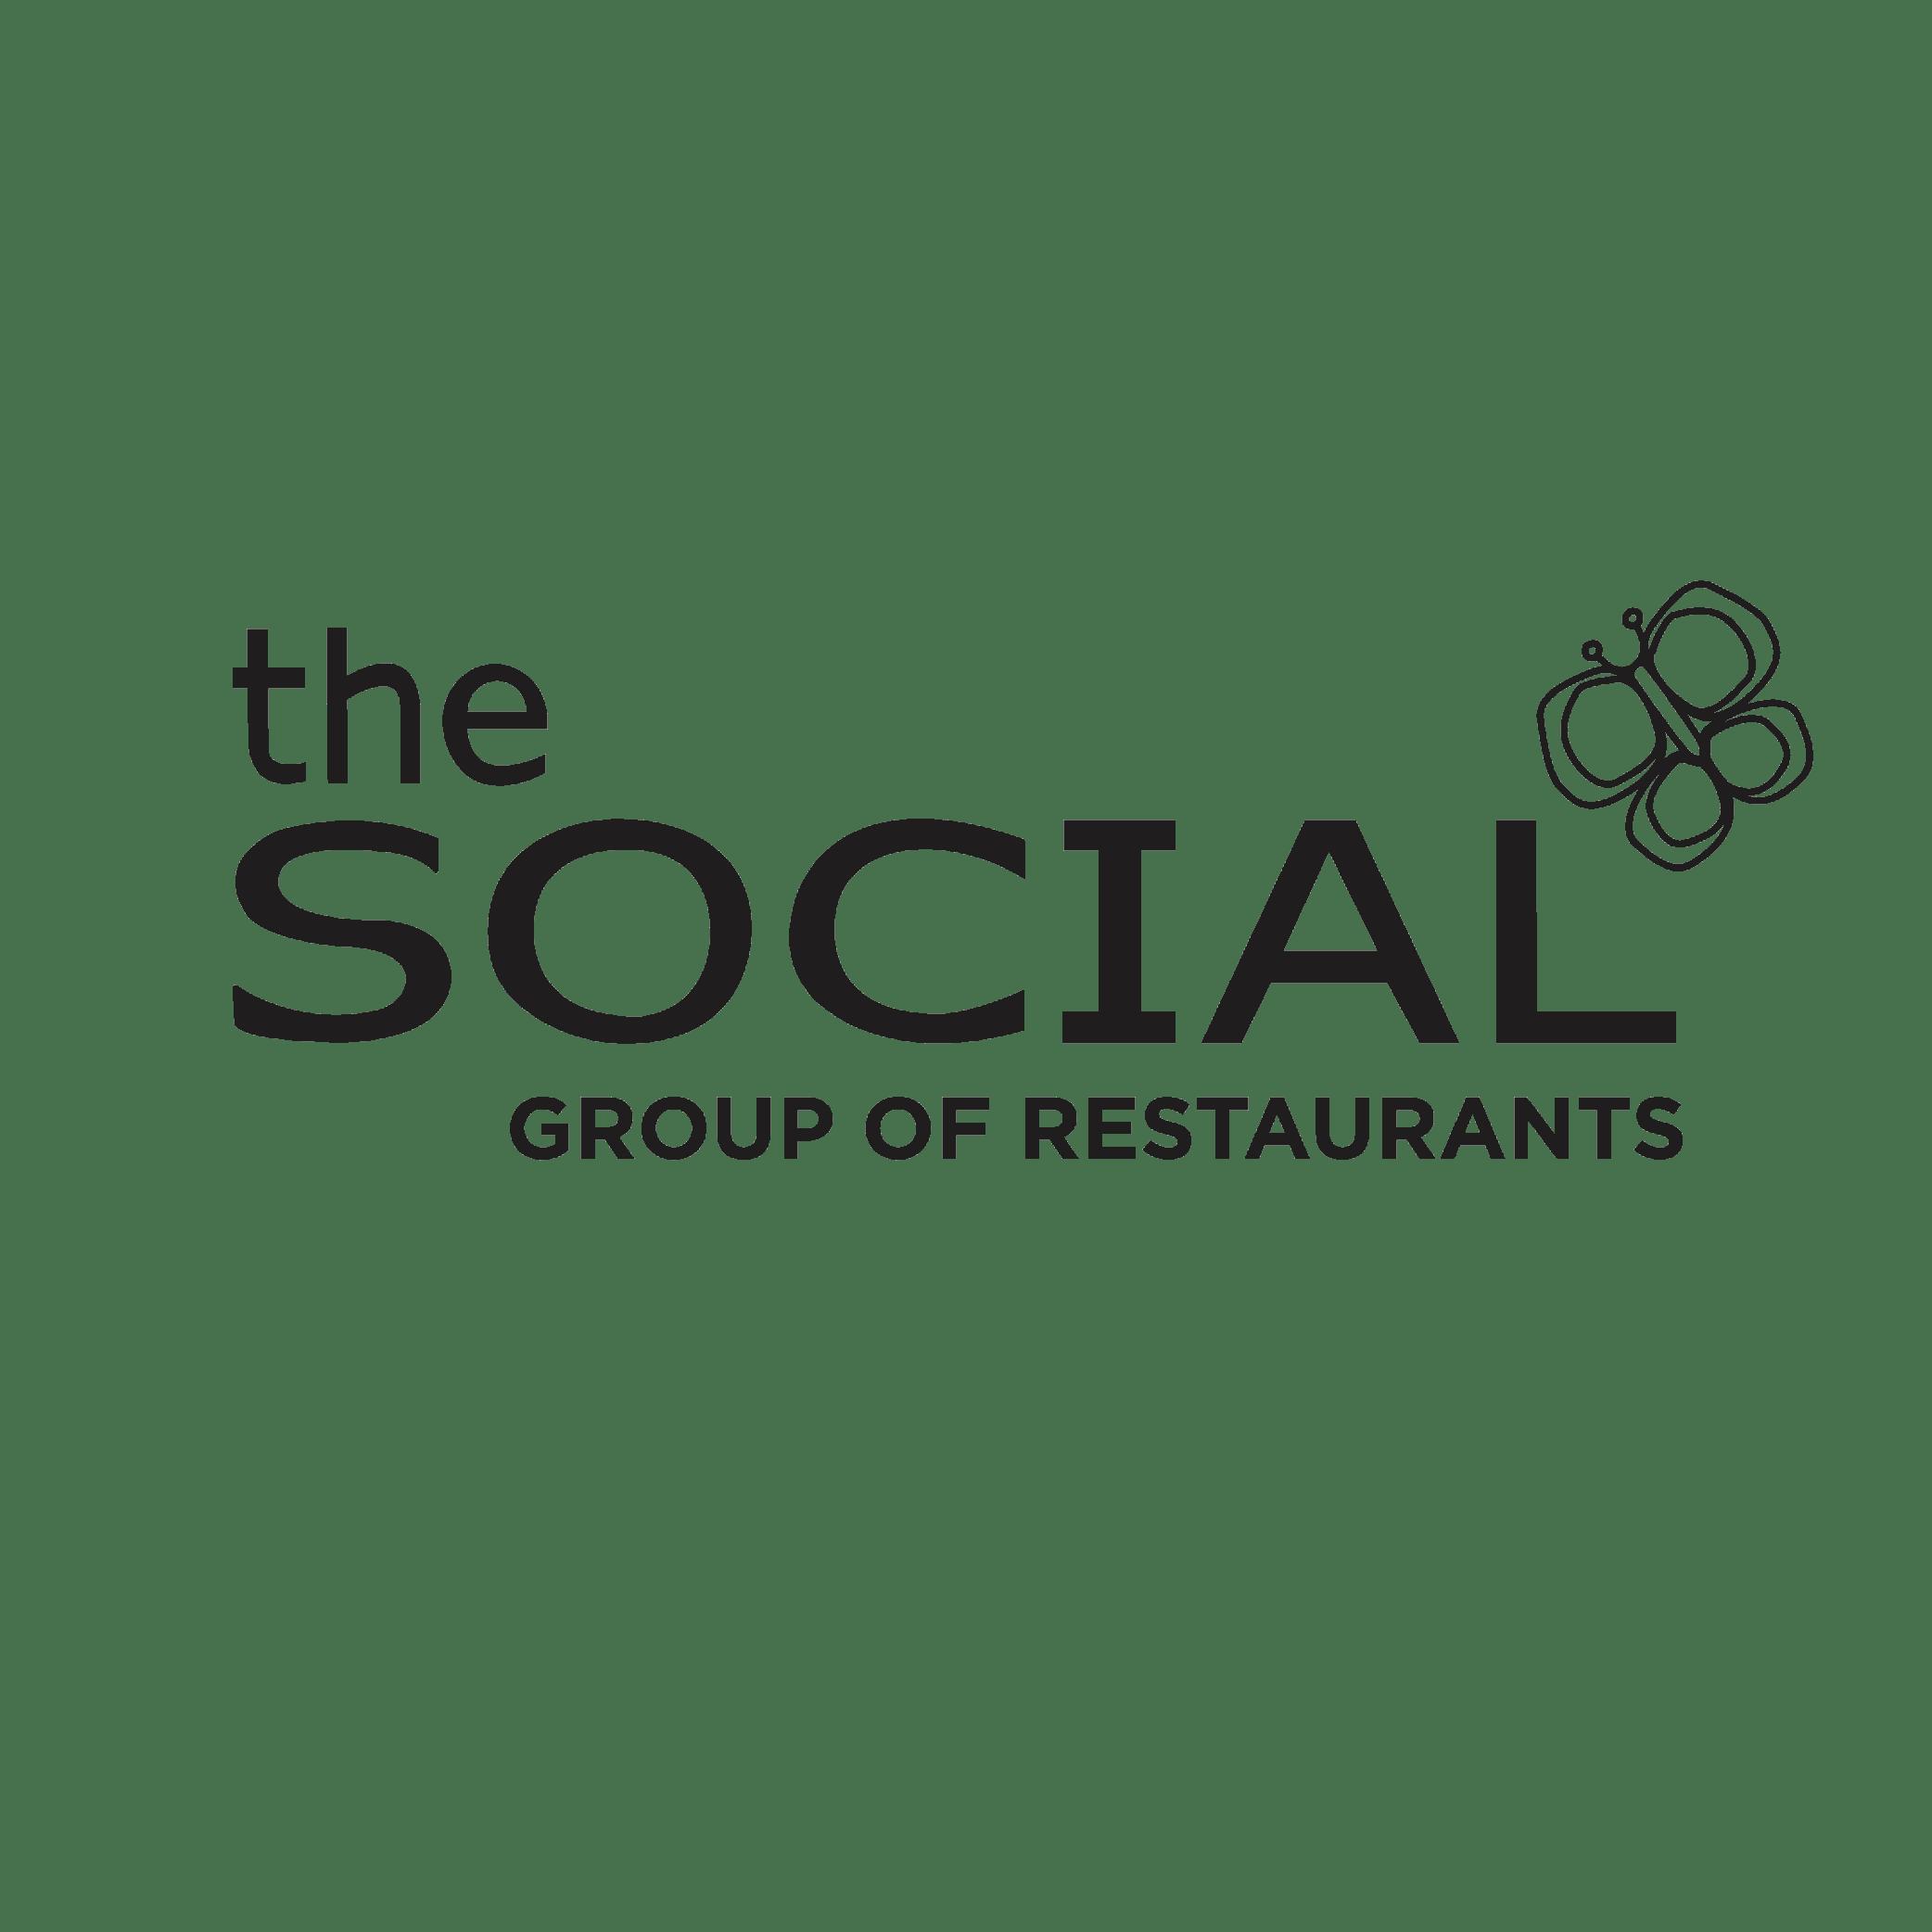 200219_ logo for website_The Social